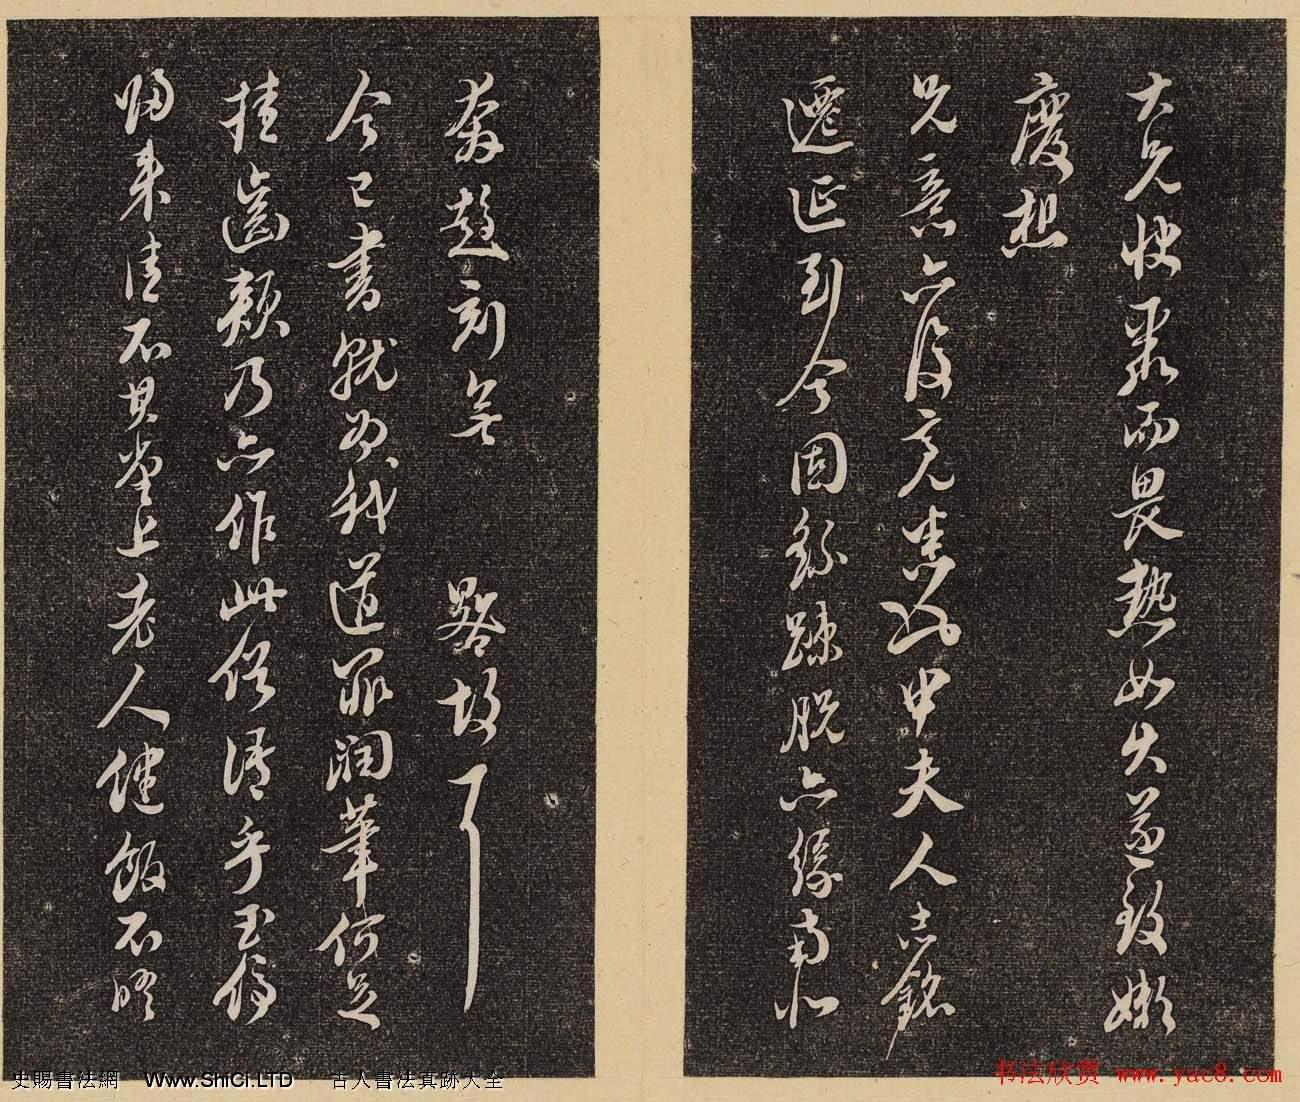 哈佛大學漢和圖書館藏《倦舫法帖》第七冊